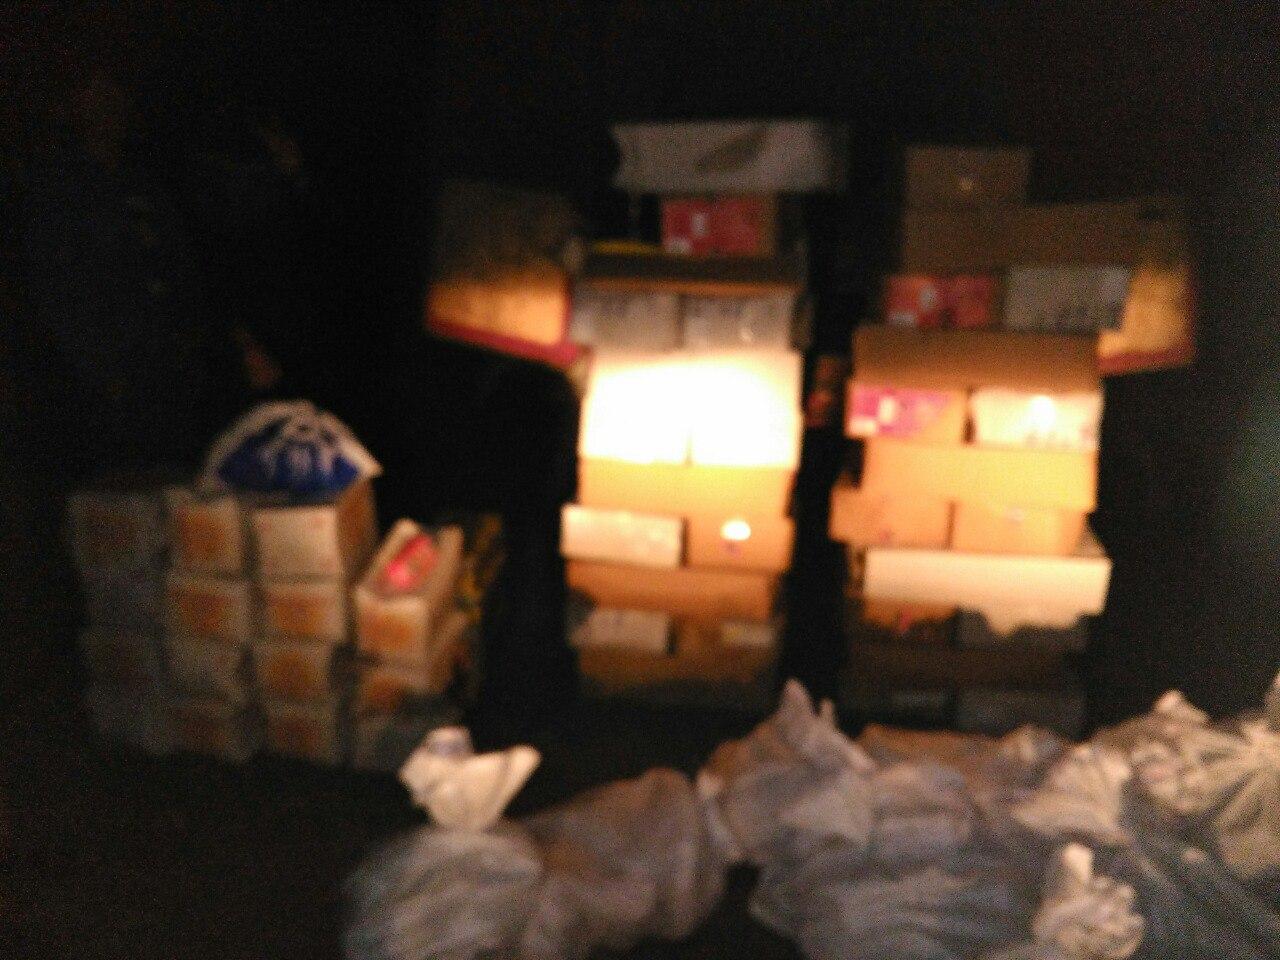 Несовершеннолетнего украинца и гражданина РФ задержали за контрабанду продуктов через границу